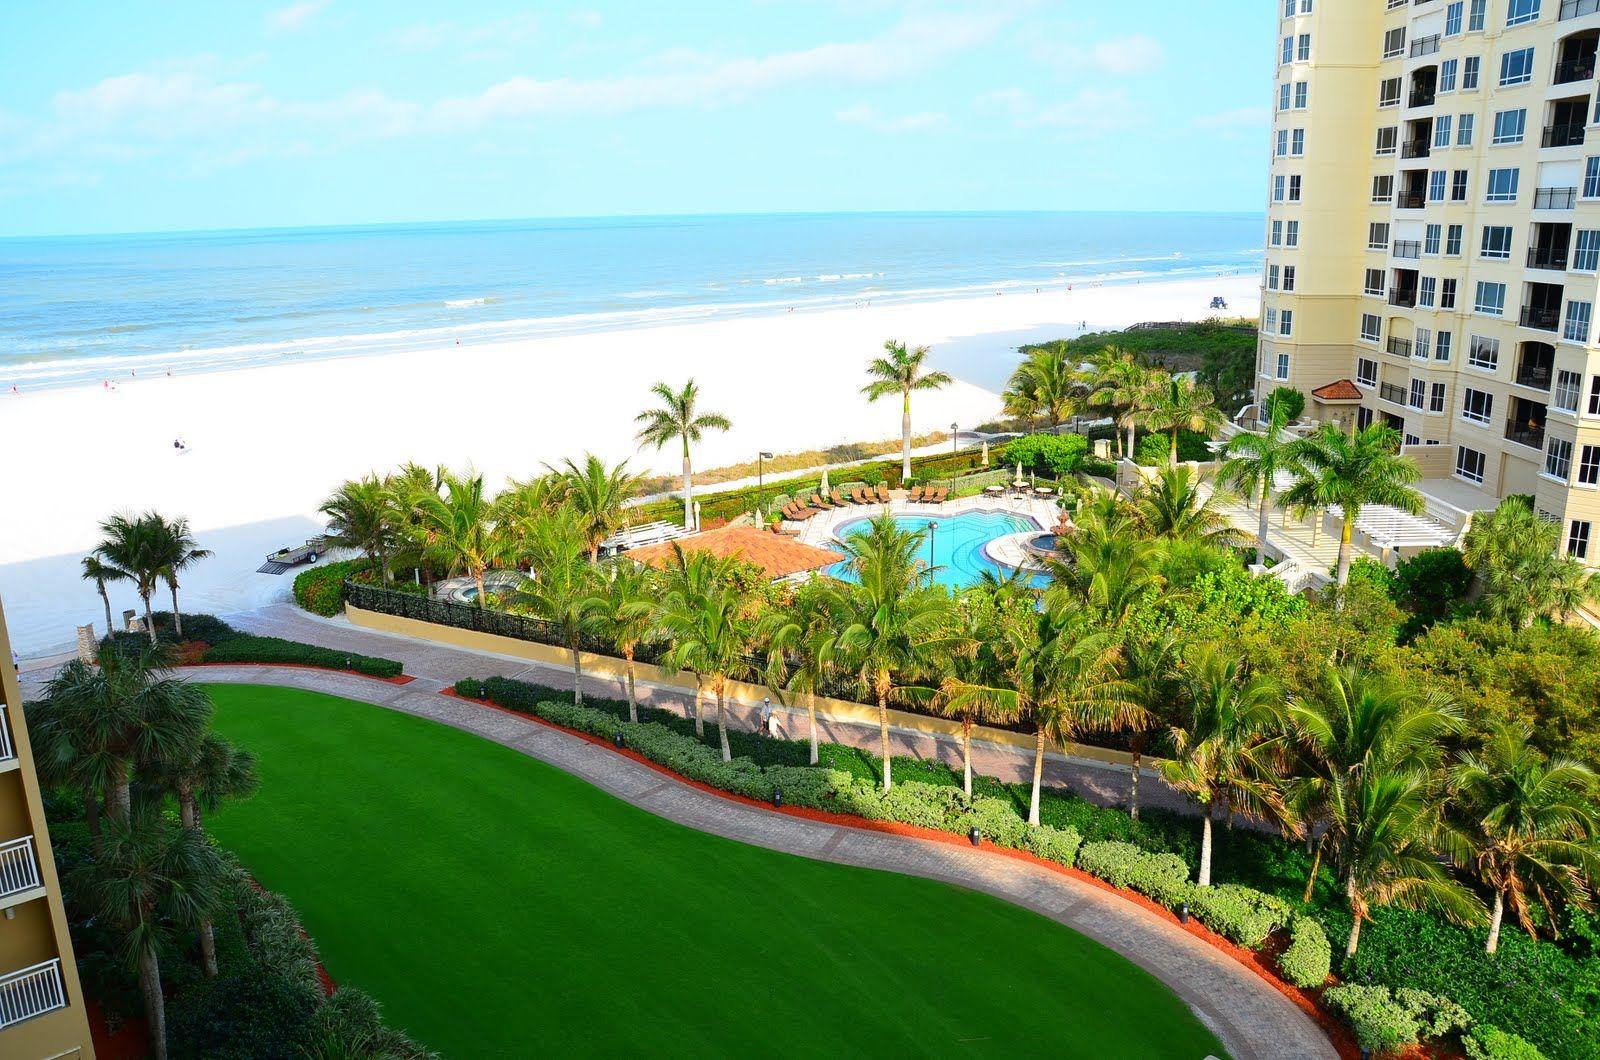 Marco Island Hotels | Marco Island Hotels